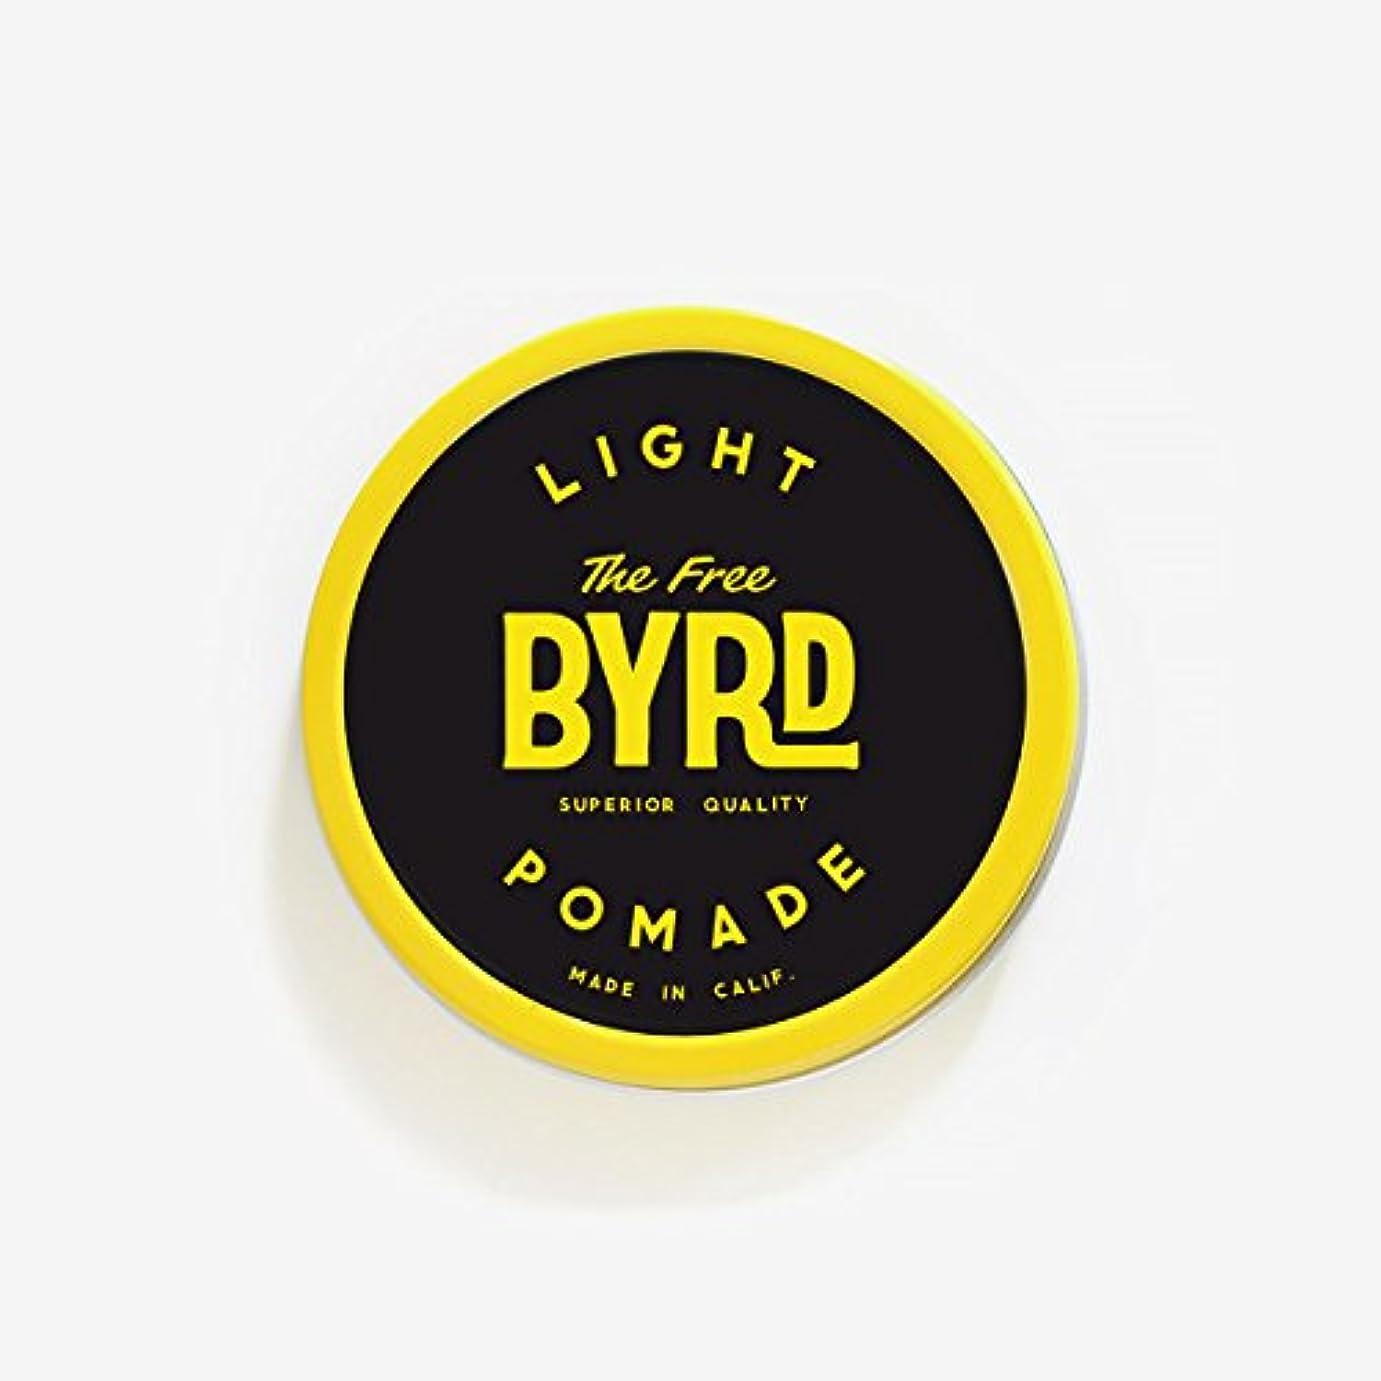 尽きる二週間インポートバード(BYRD) カリフォルニア発ポマード288 LIGHT POMADE SMALL(スモールサイズ)ライトスタイルヘアワックスヘアスタイリング剤耐水性香料メンズ/レディース 【LIGHT】SMALL